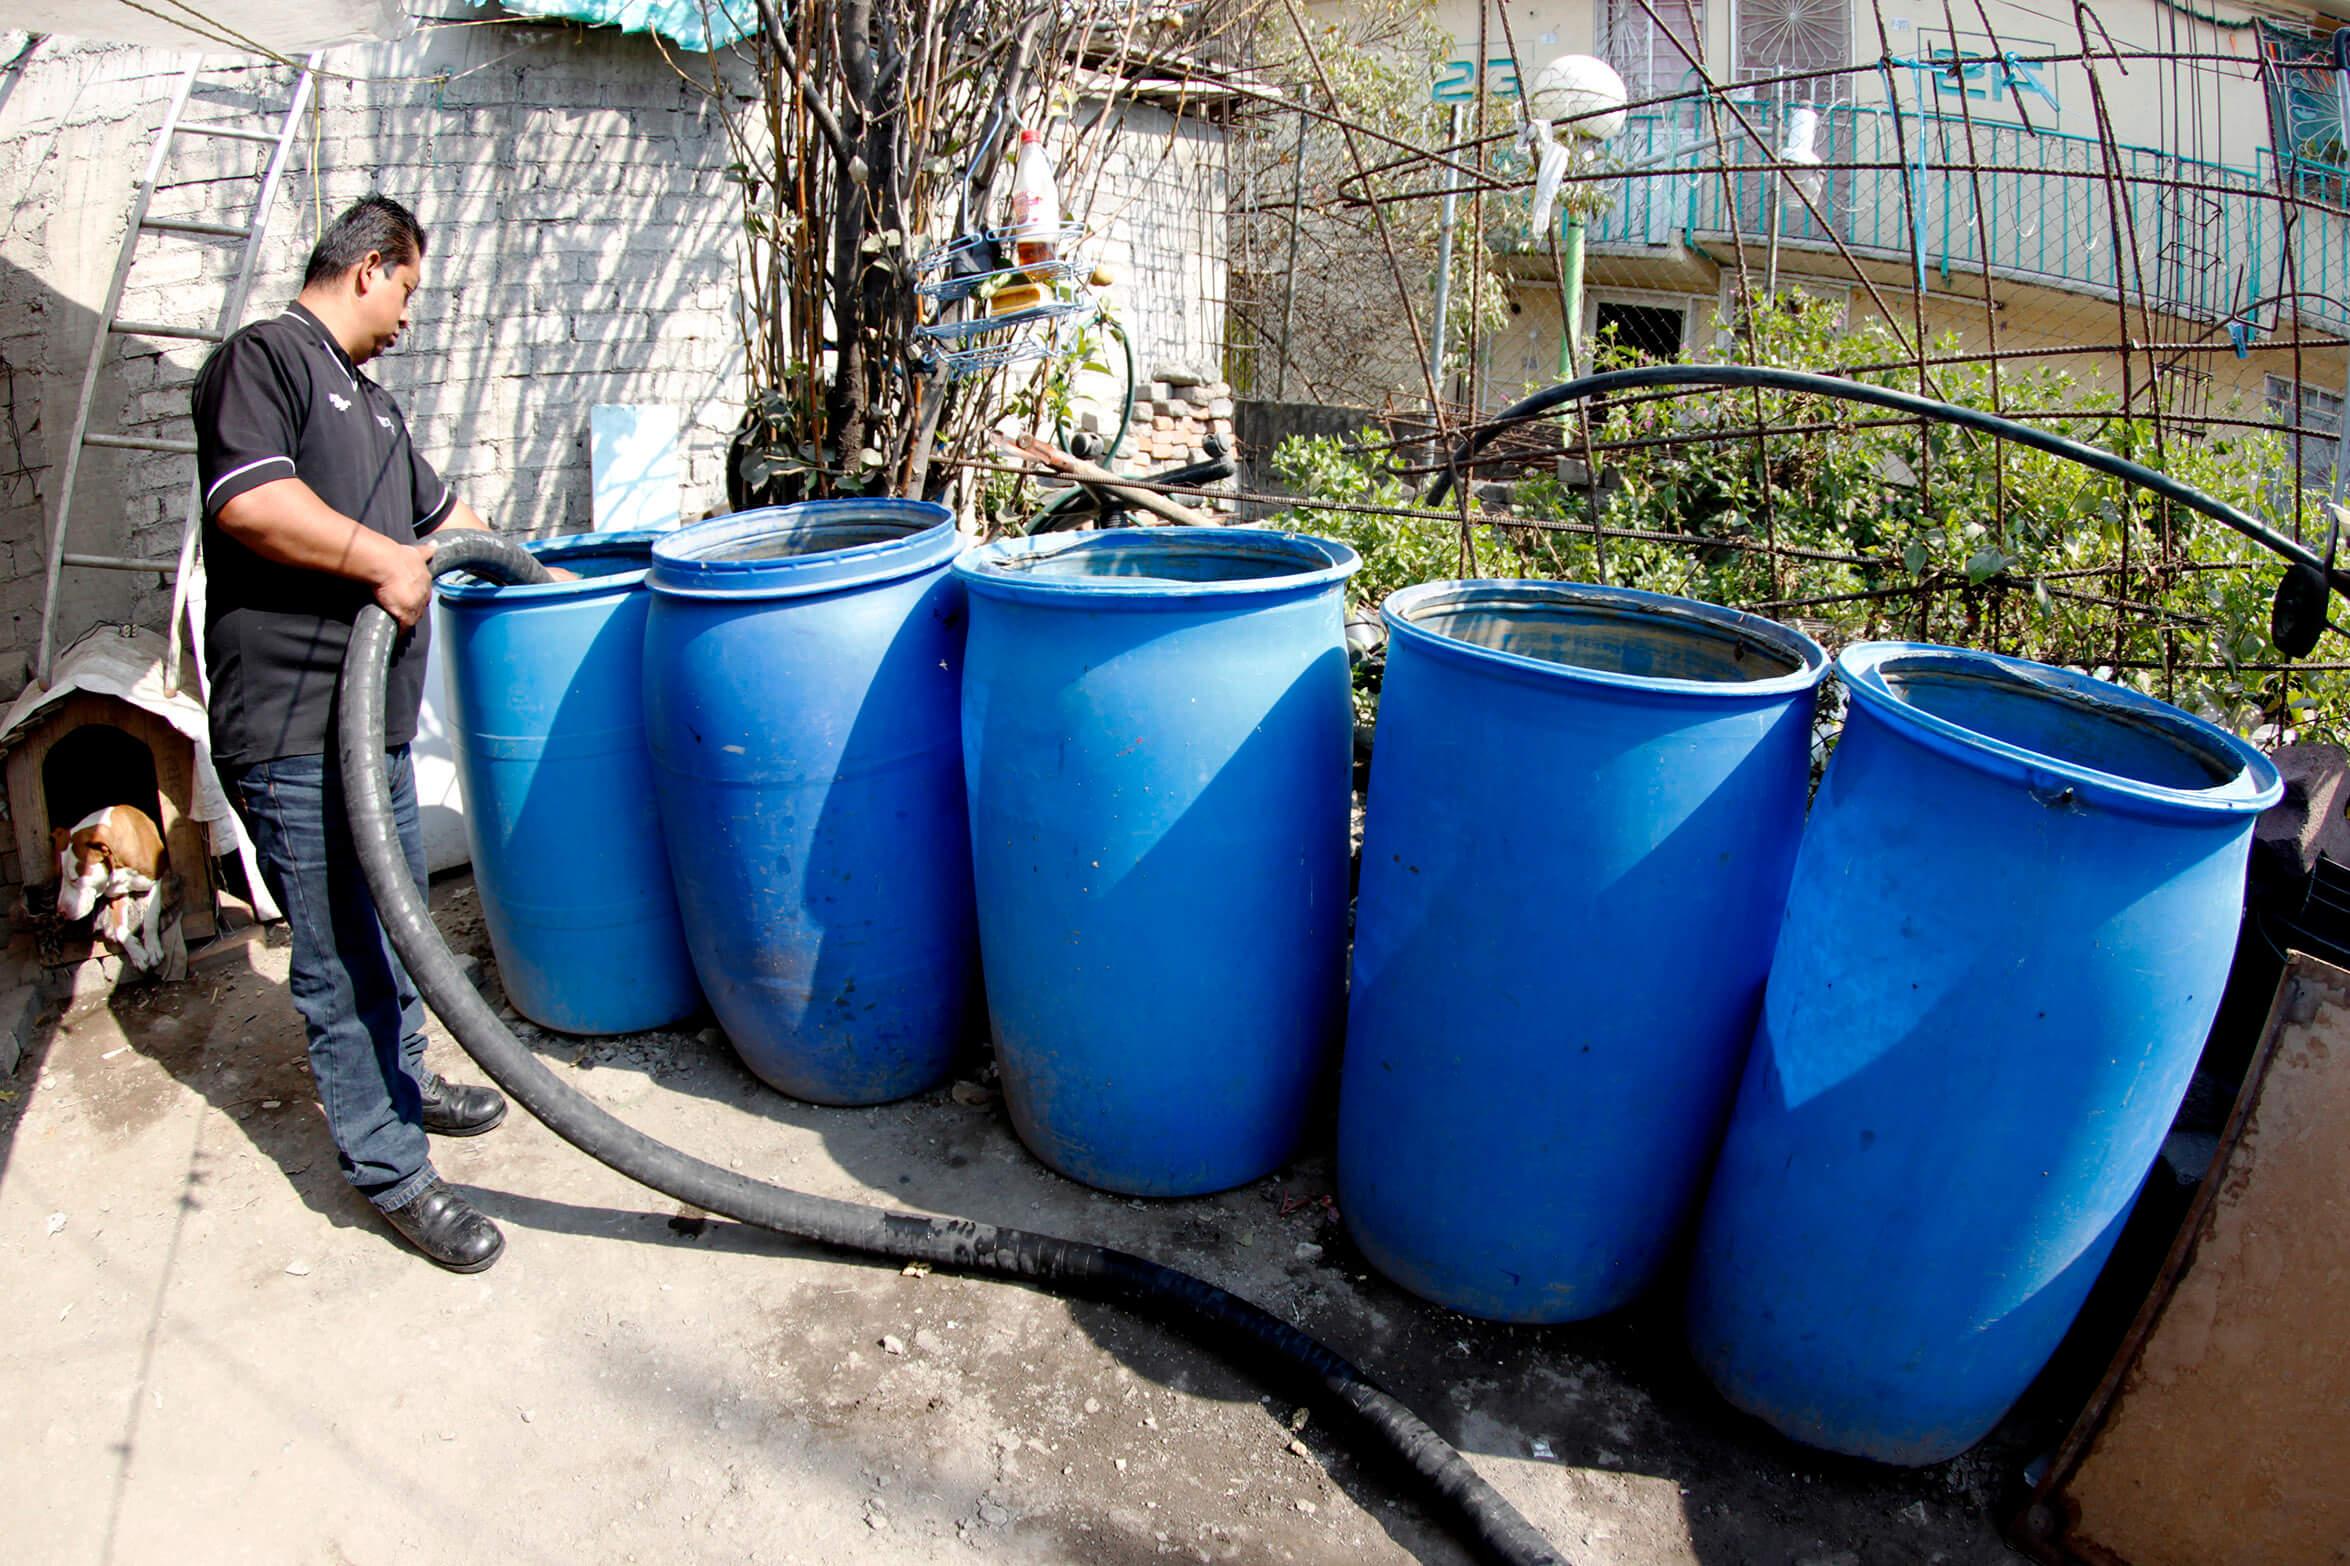 Hasta el jueves se normalizaría el abasto de agua en la CDMX